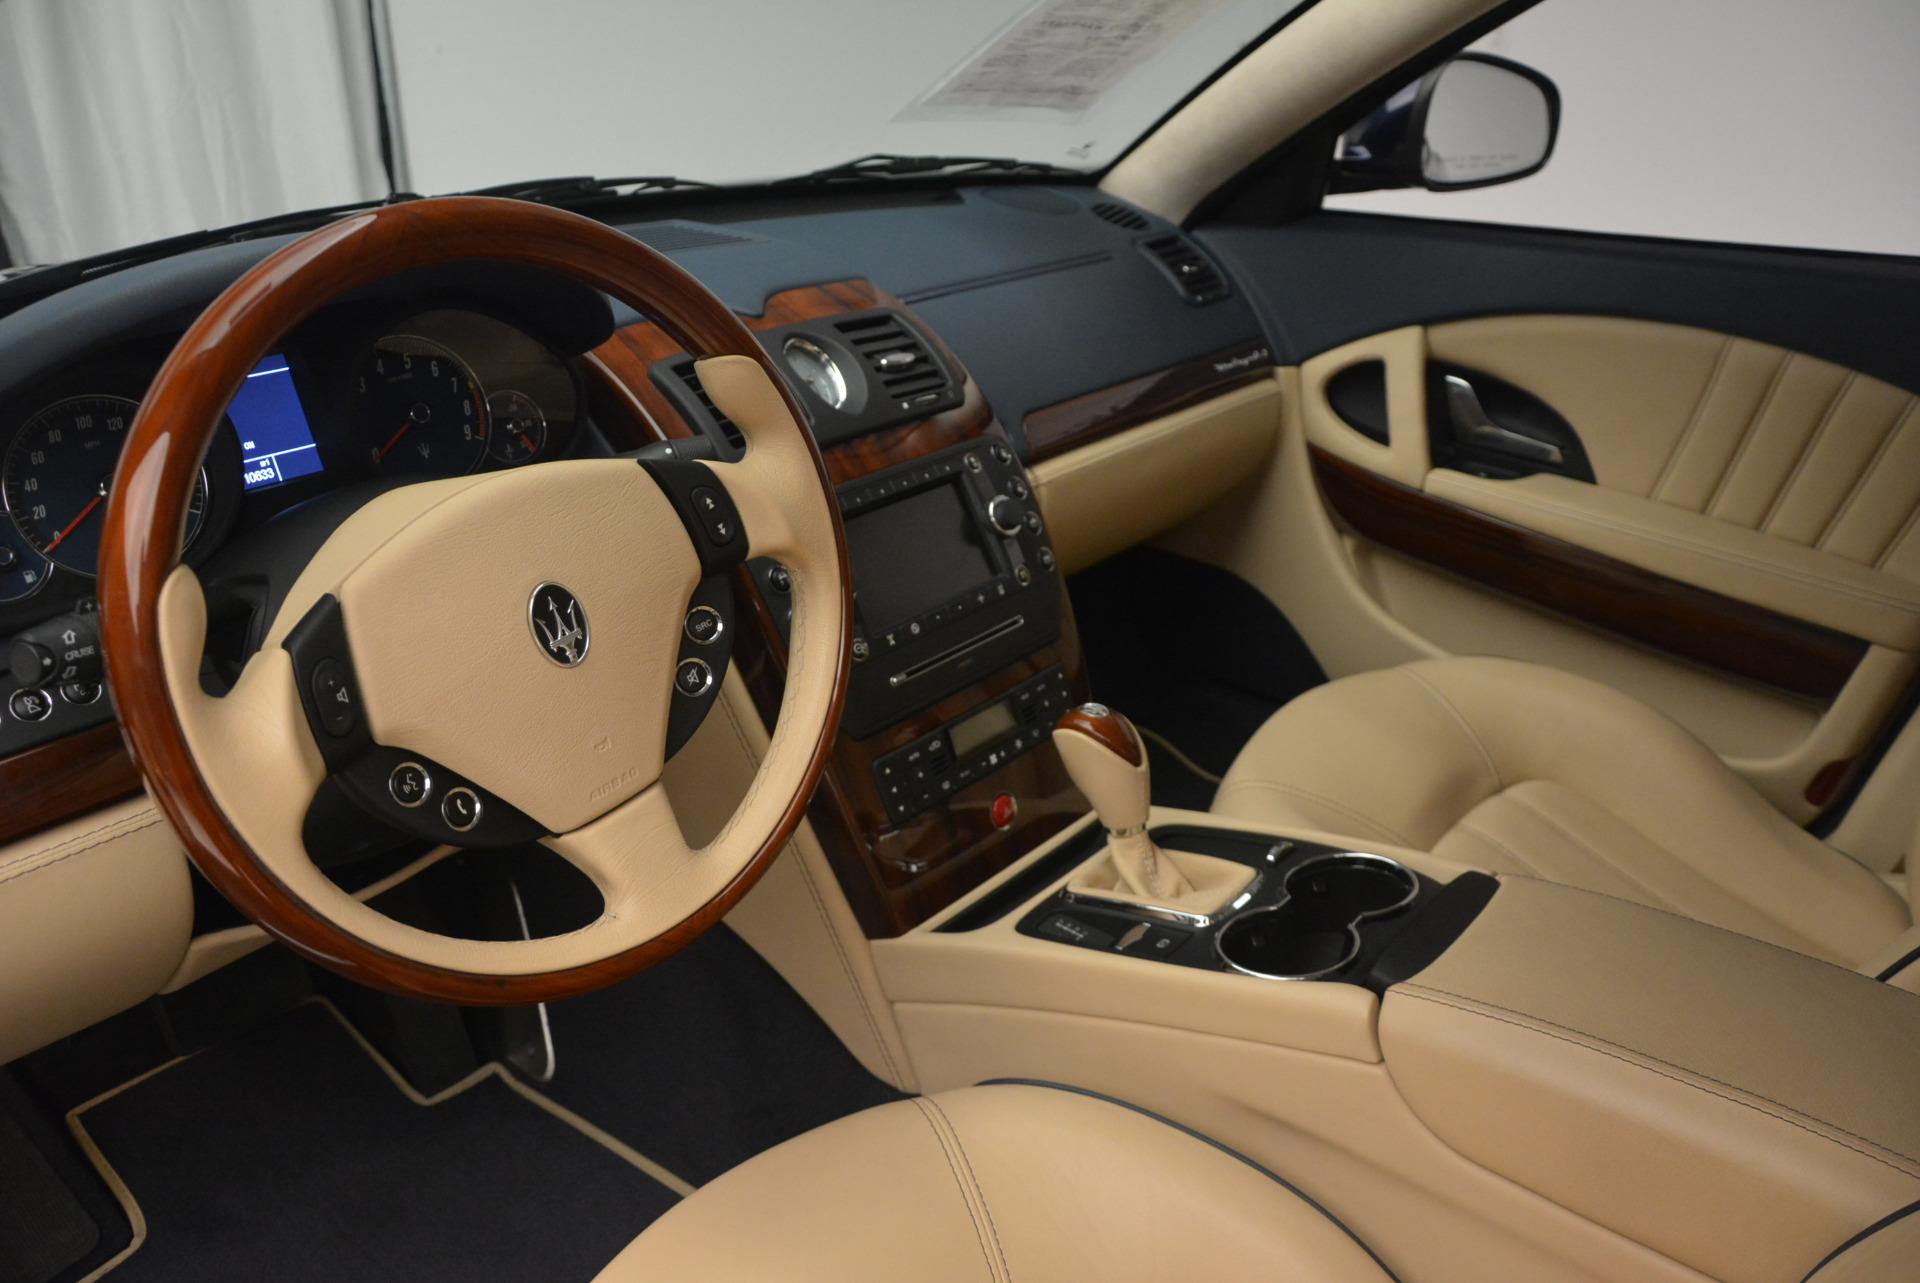 Used 2010 Maserati Quattroporte S For Sale In Greenwich, CT 795_p15